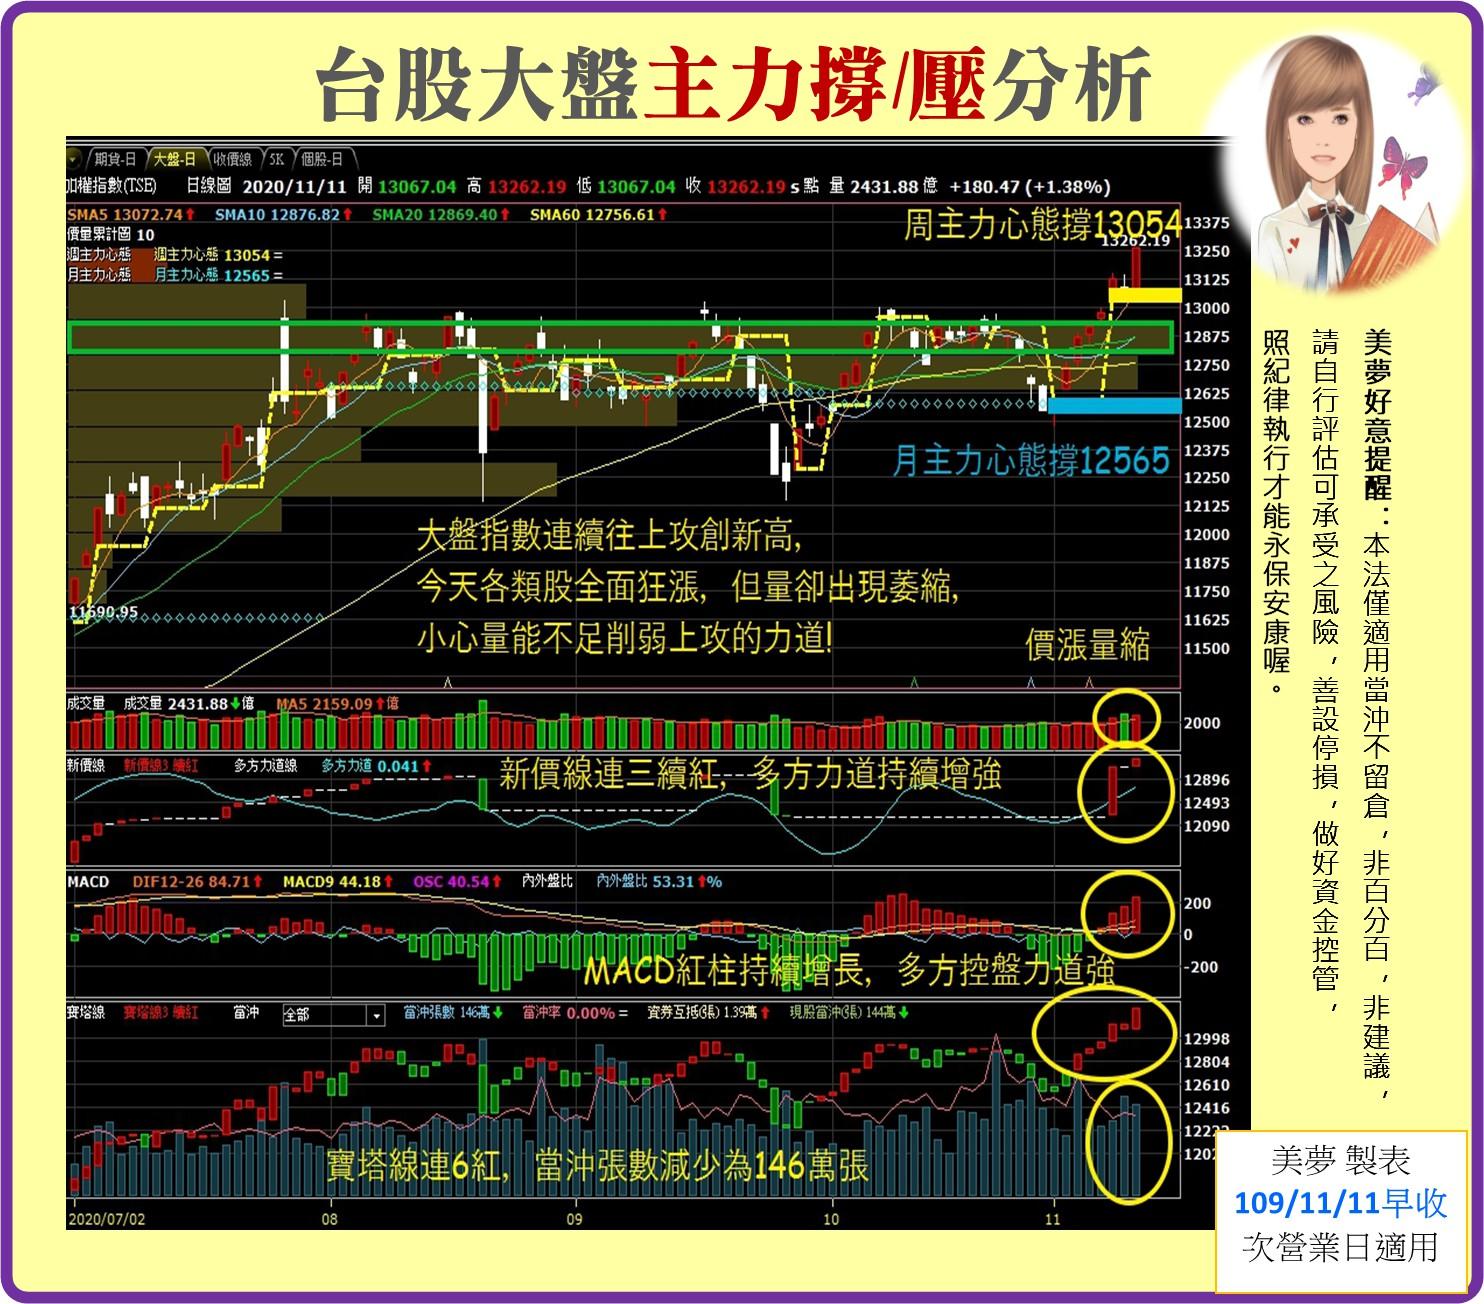 1091112美夢冠軍-股市+MSCI調整_05